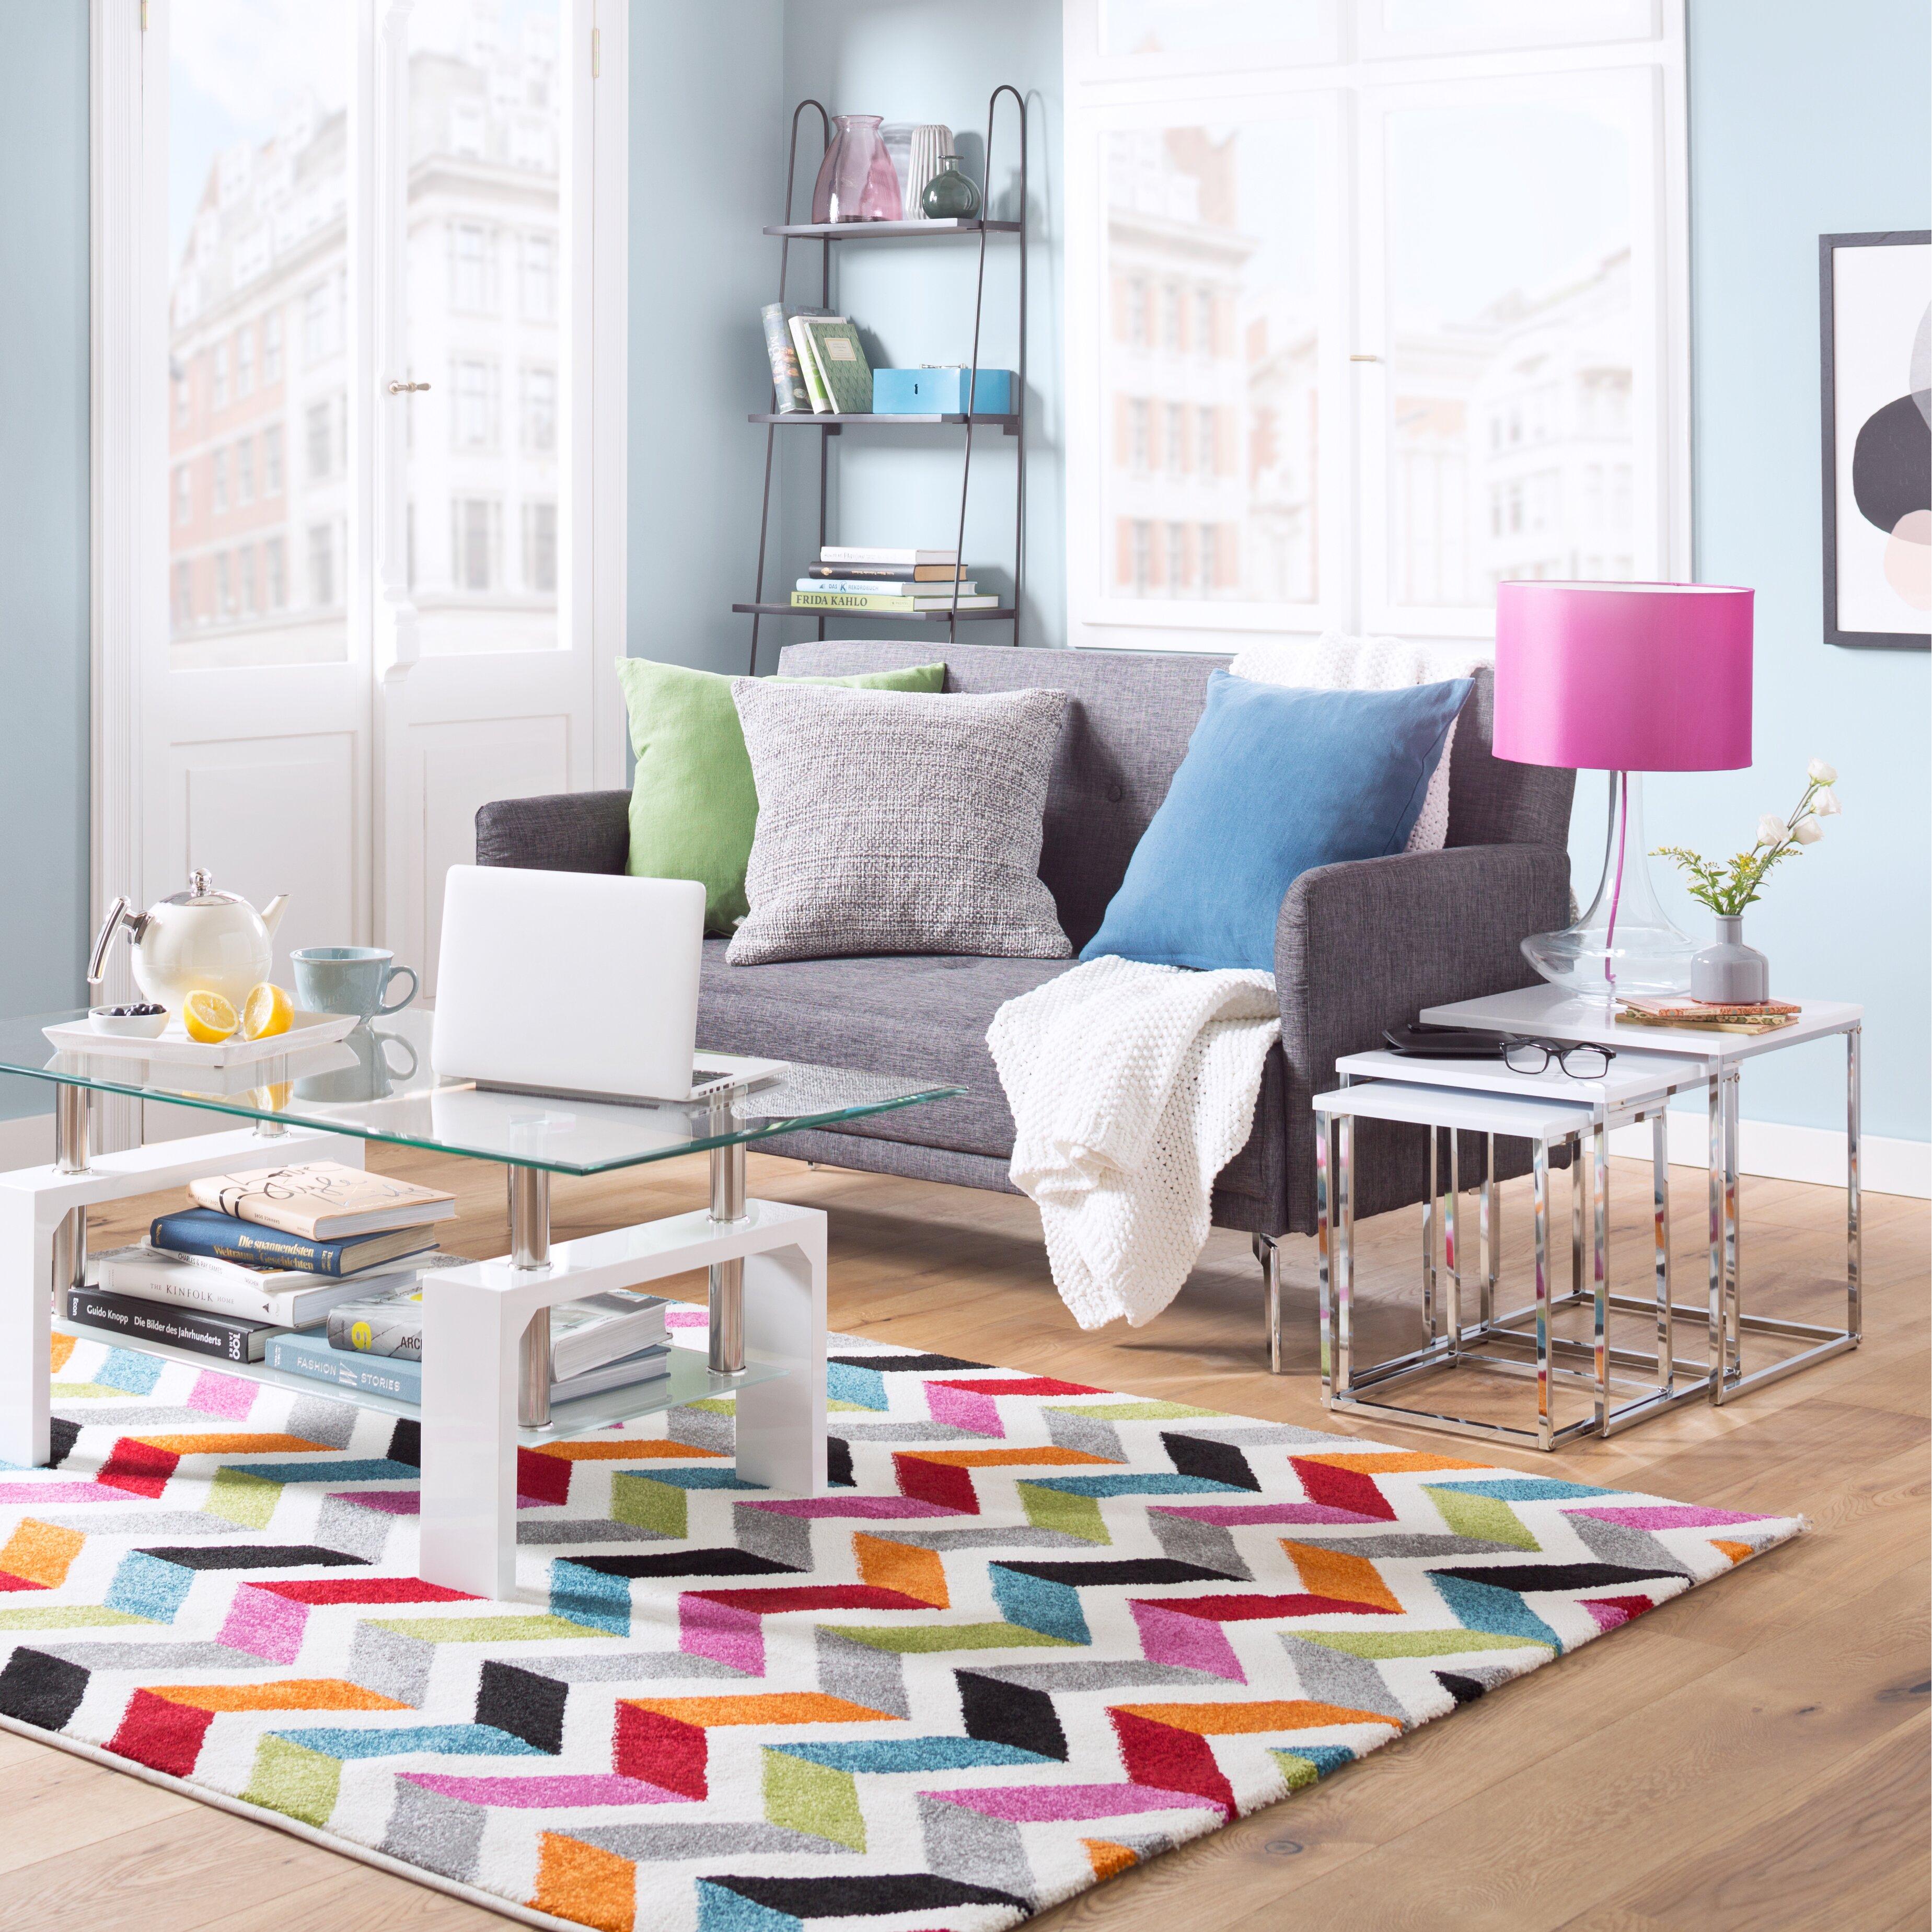 Teppich Caitlyn in Mehrfarbig von {manufacturer} , Wayfairde